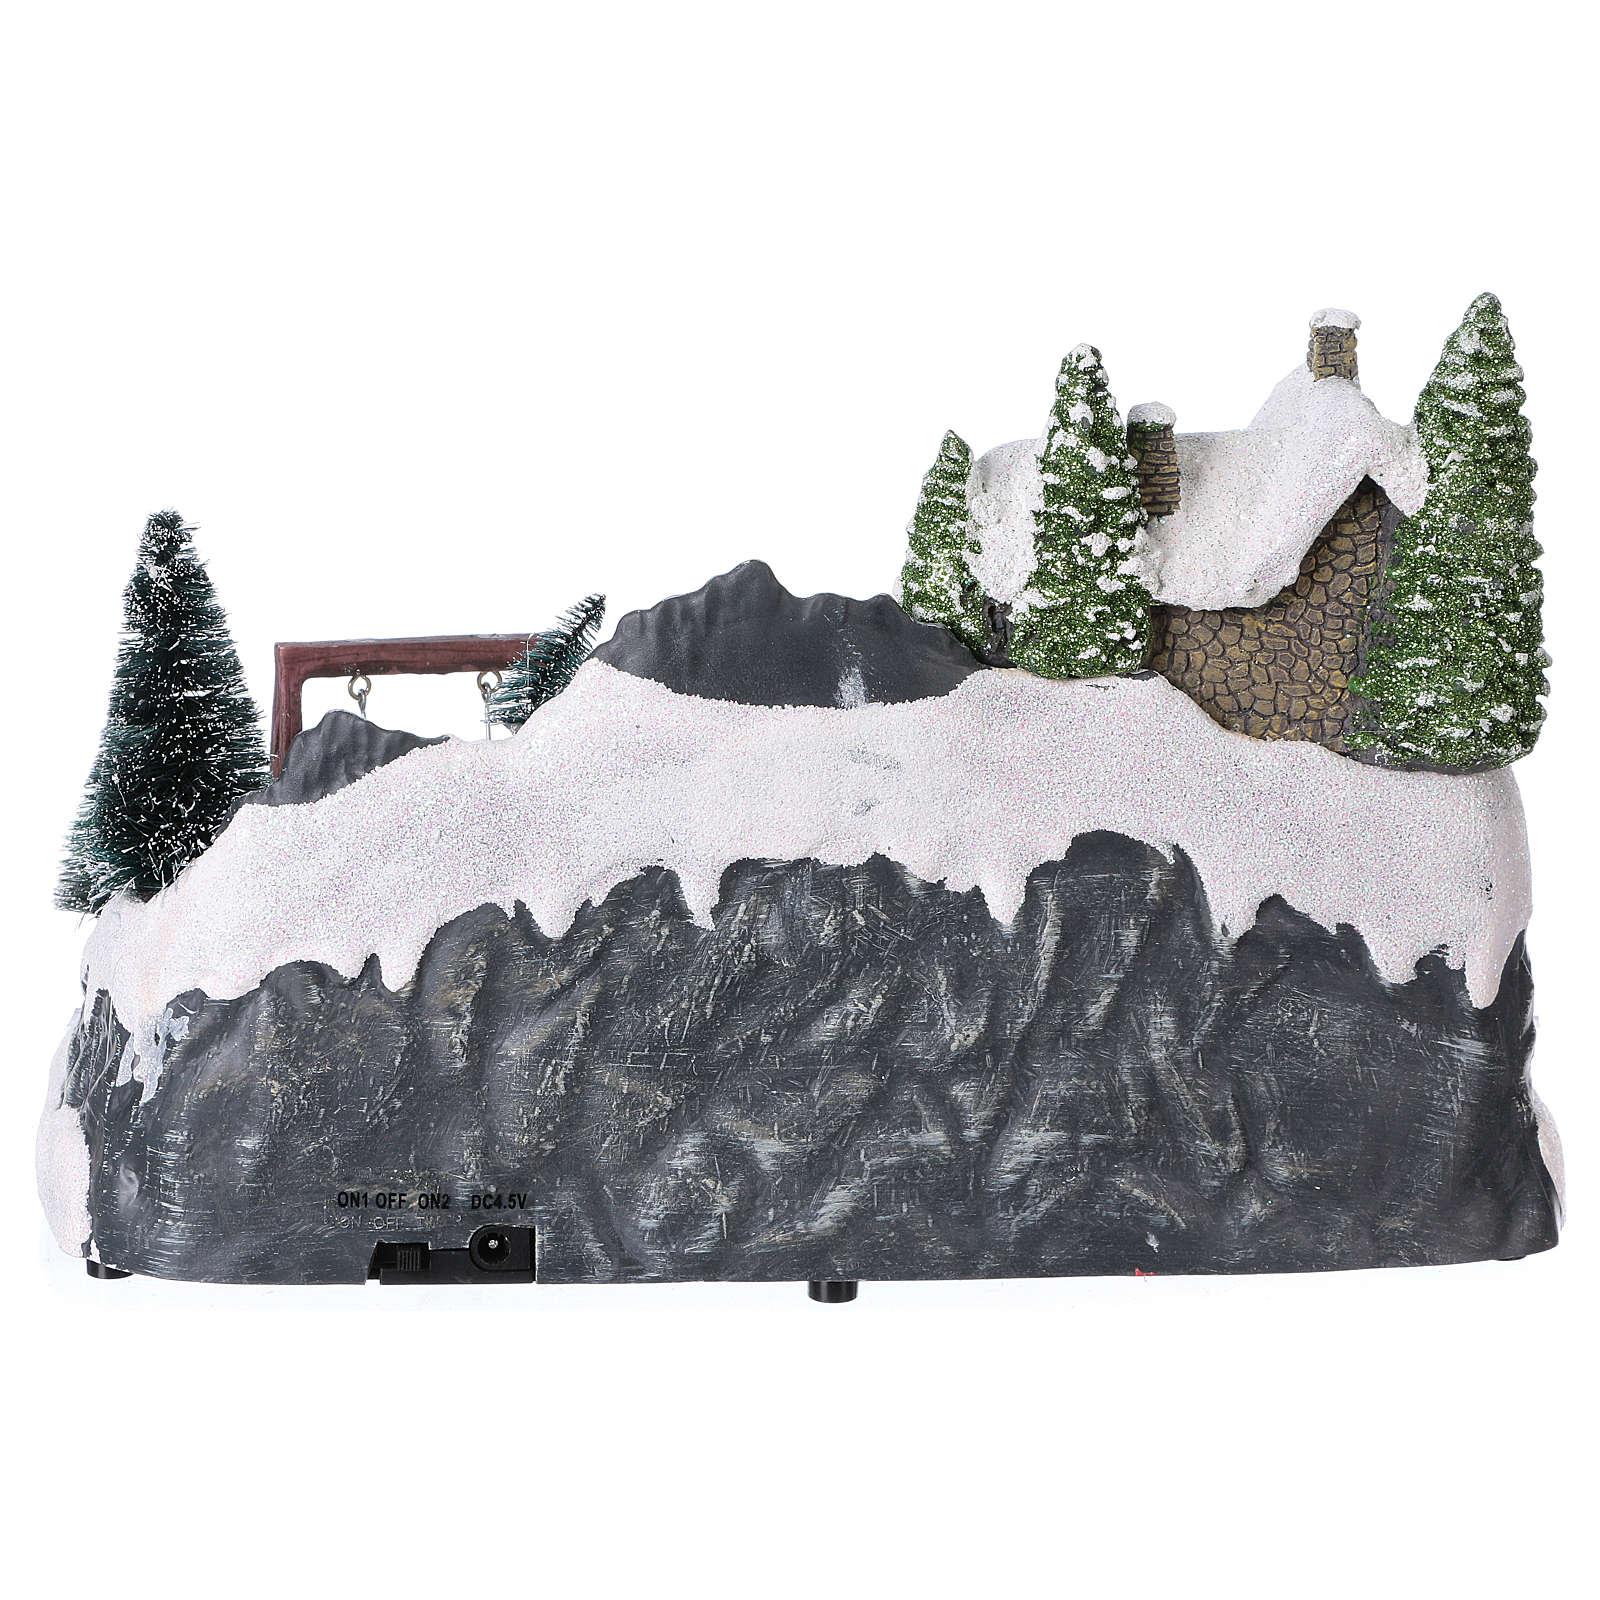 Villaggio natalizio 20x30x20 cm treno e altalena in movimento batteria 3